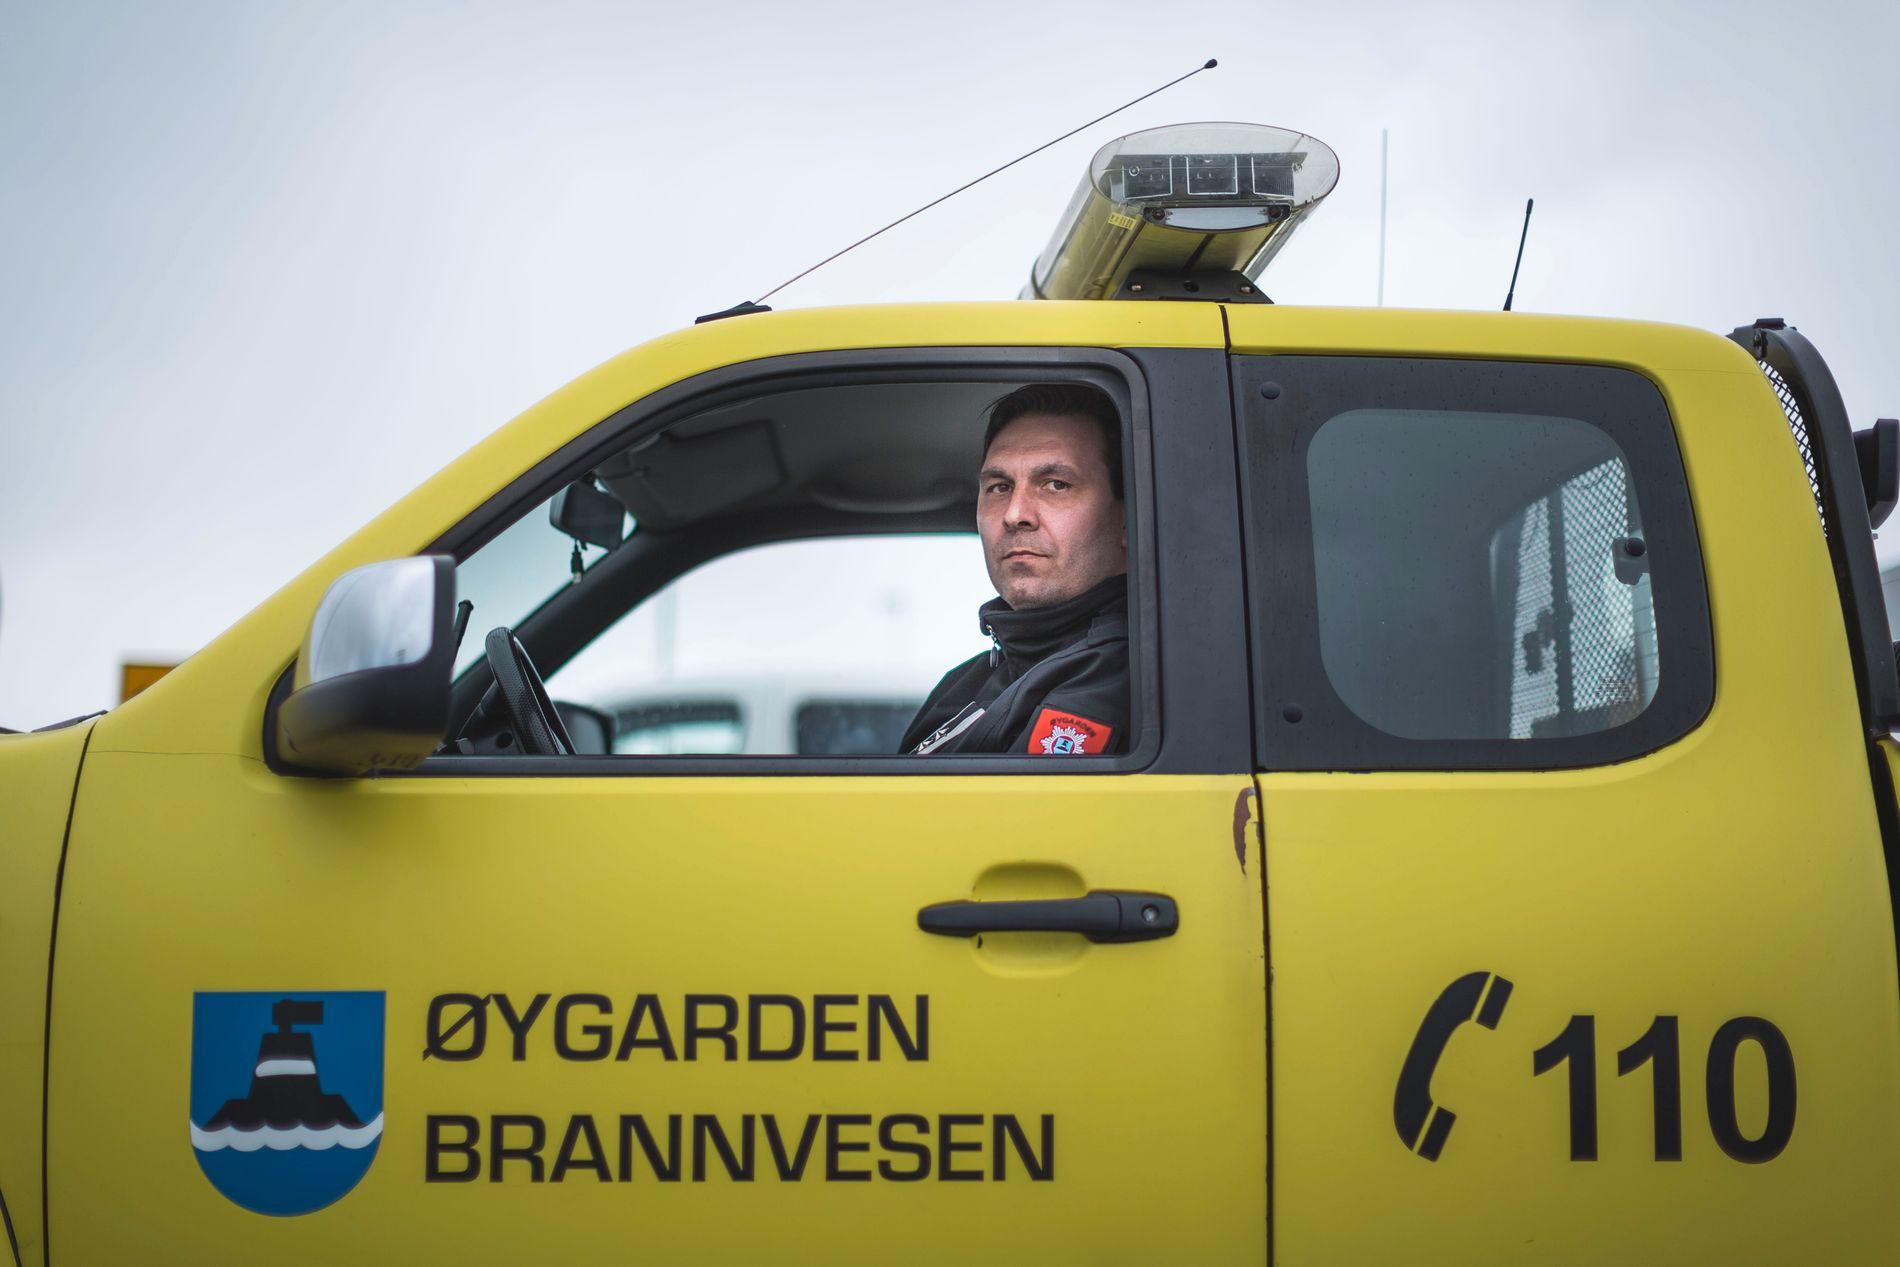 TØFF OPPLEVELSE: Tolv menn og en kvinne omkom da et helikopter fra CHC Helicopter Service styrtet ved Turøy i Øygarden kommune. Jarl Hestad fra Øygarden brannvesen var en av de første på ulykkesstedet.